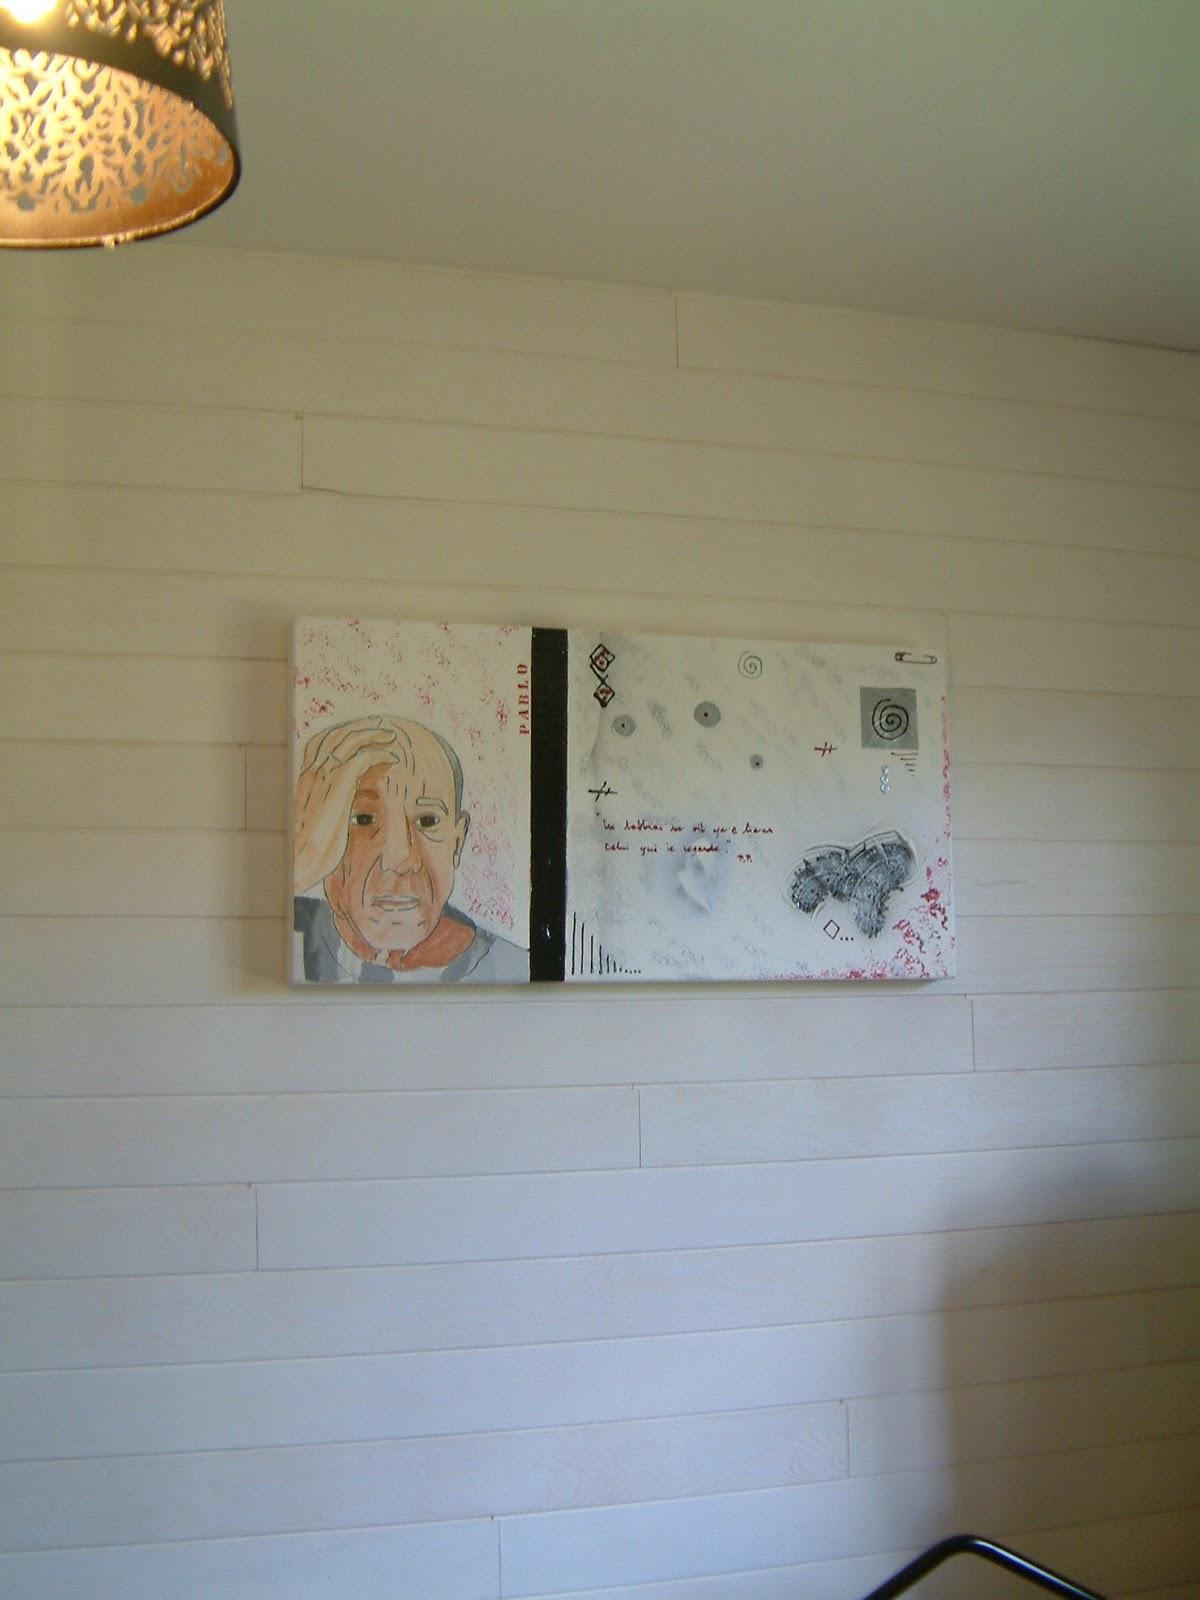 Peinturecarole technique de peinture acrylique collage - Peinture sur enduit gratte ...